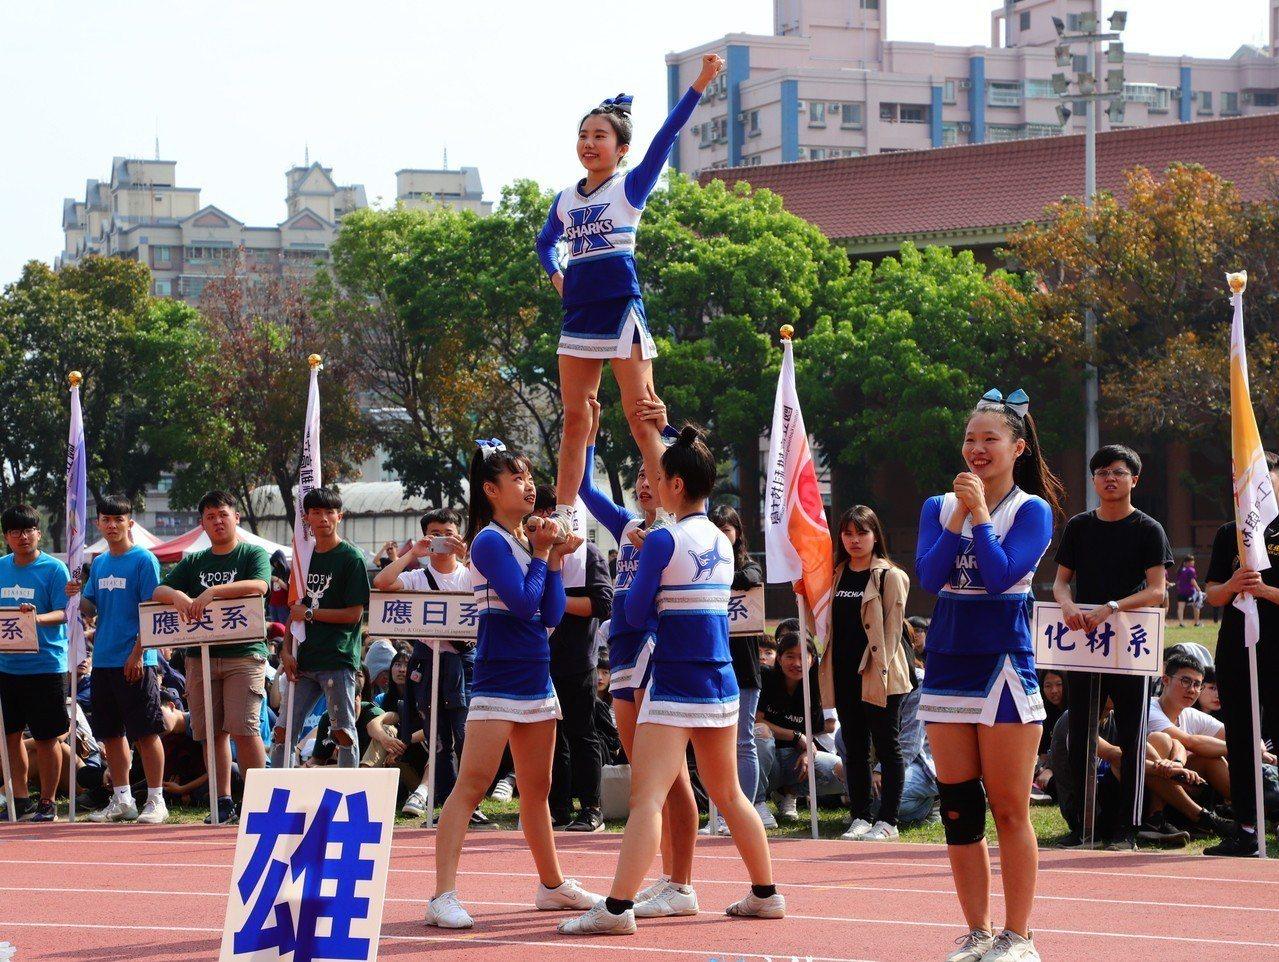 亞洲國際公開錦標賽冠軍sharks競技啦啦隊,帶來力與美的表演。記者徐如宜/攝影